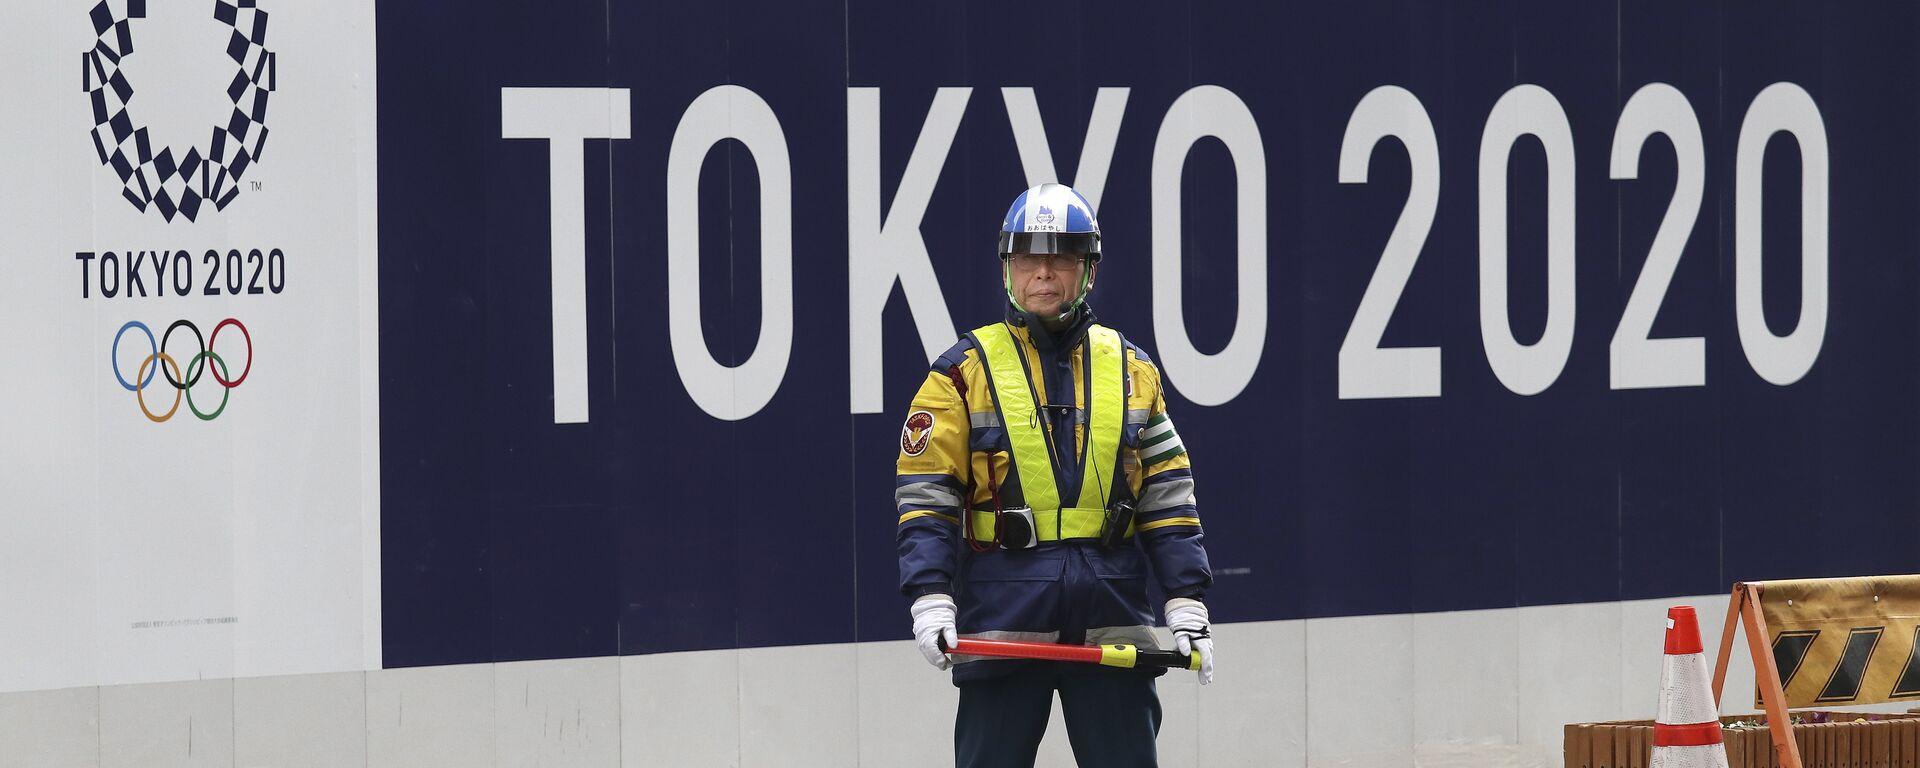 Olimpiadi Tokyo 2020 - Sputnik Italia, 1920, 19.07.2021